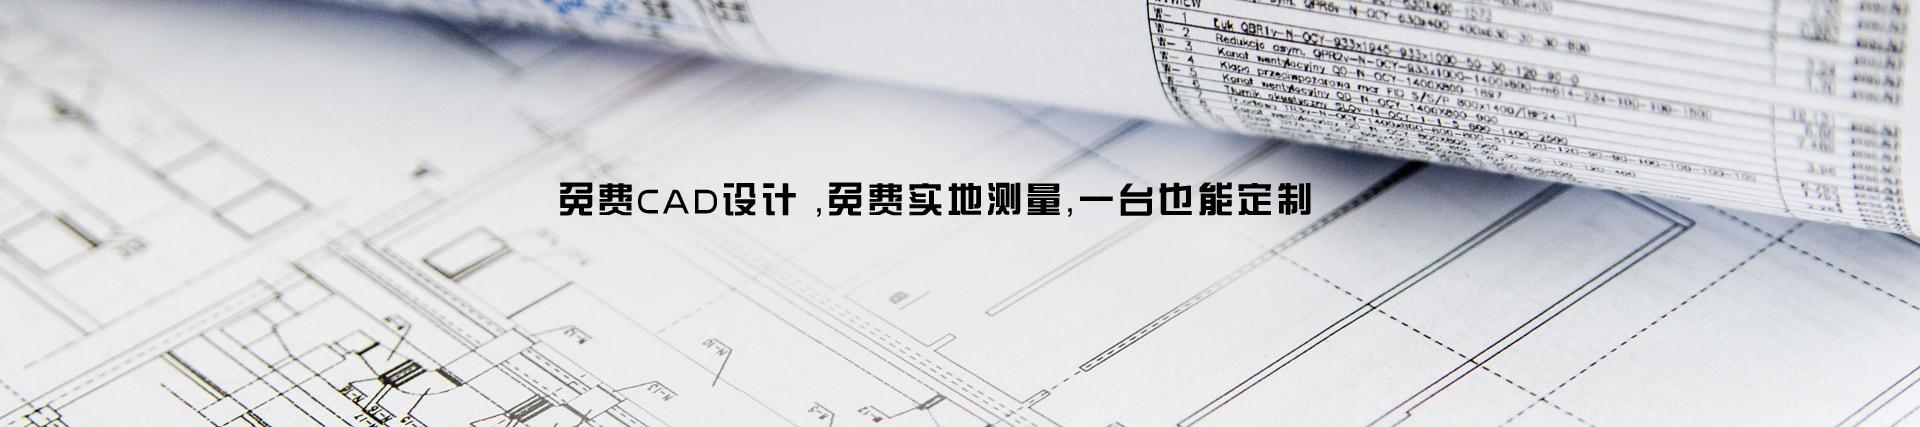 梅高梅app免费CAD设计,免费实地测量,一台也能定制